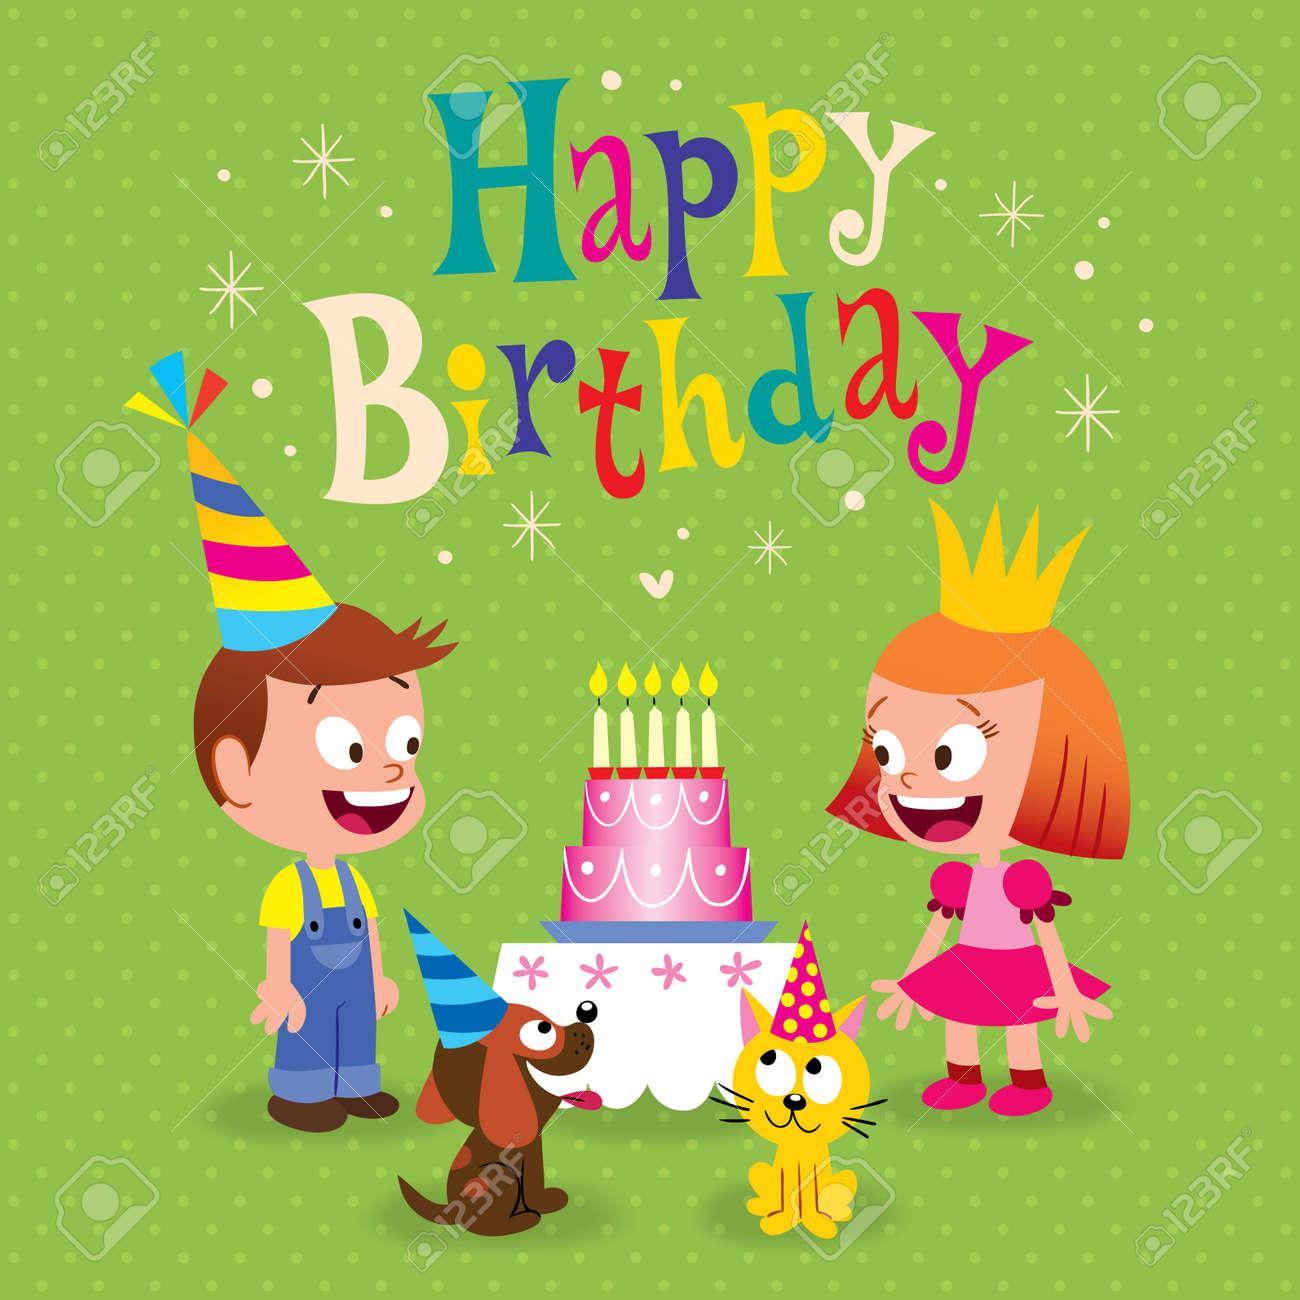 Alles Gute Zum Geburtstag Kinder Grusskarte Mit Kleinen Madchen Und